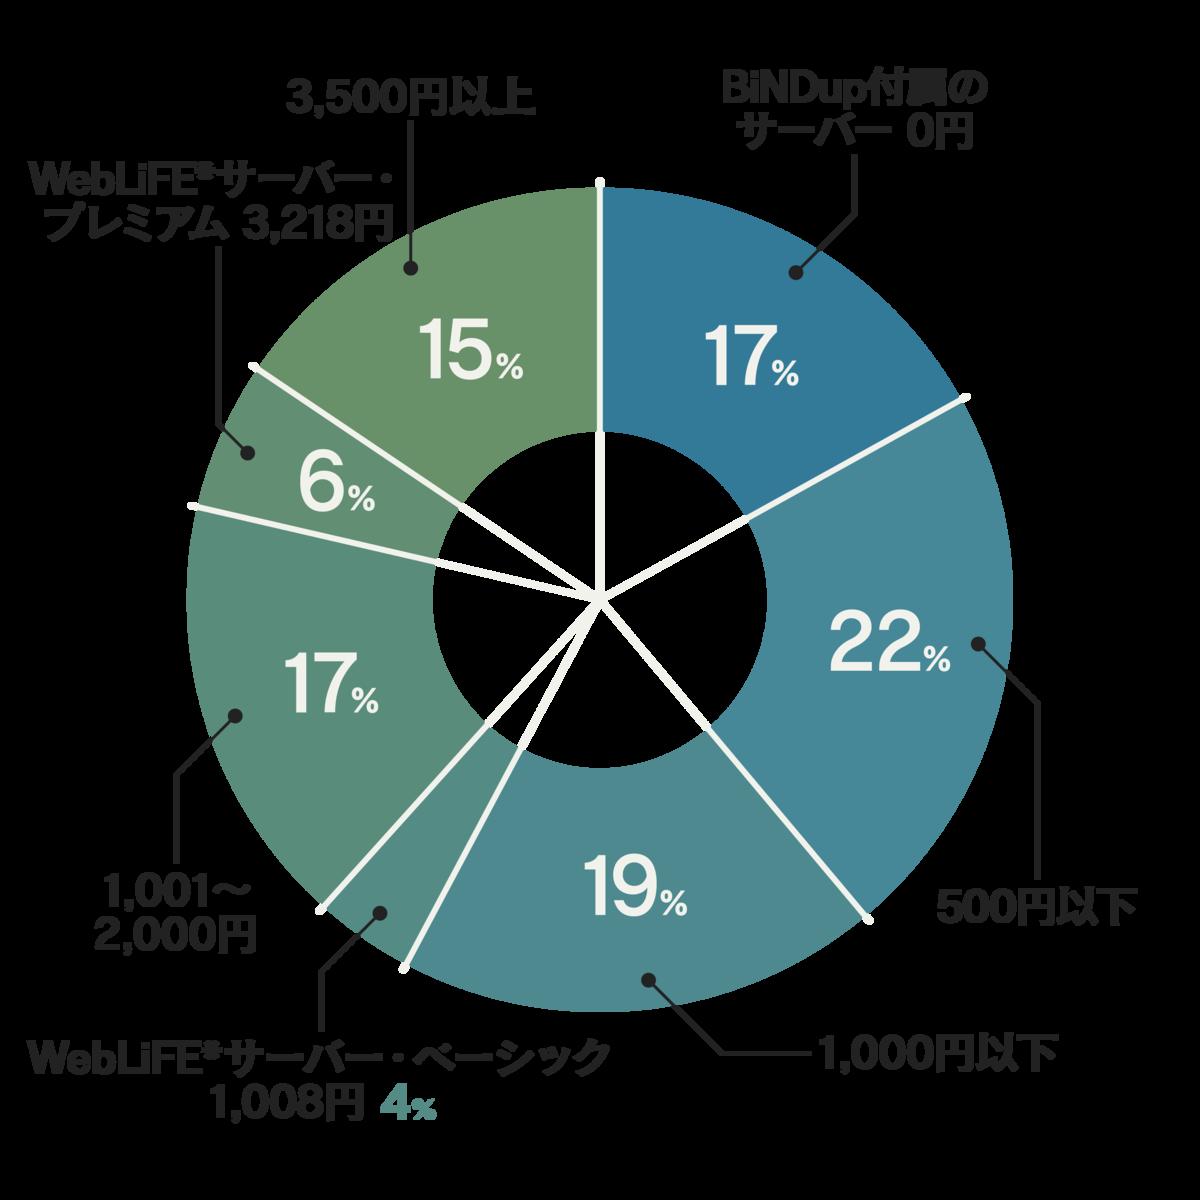 ユーザーについて|ウェブコンポーザー白書2020